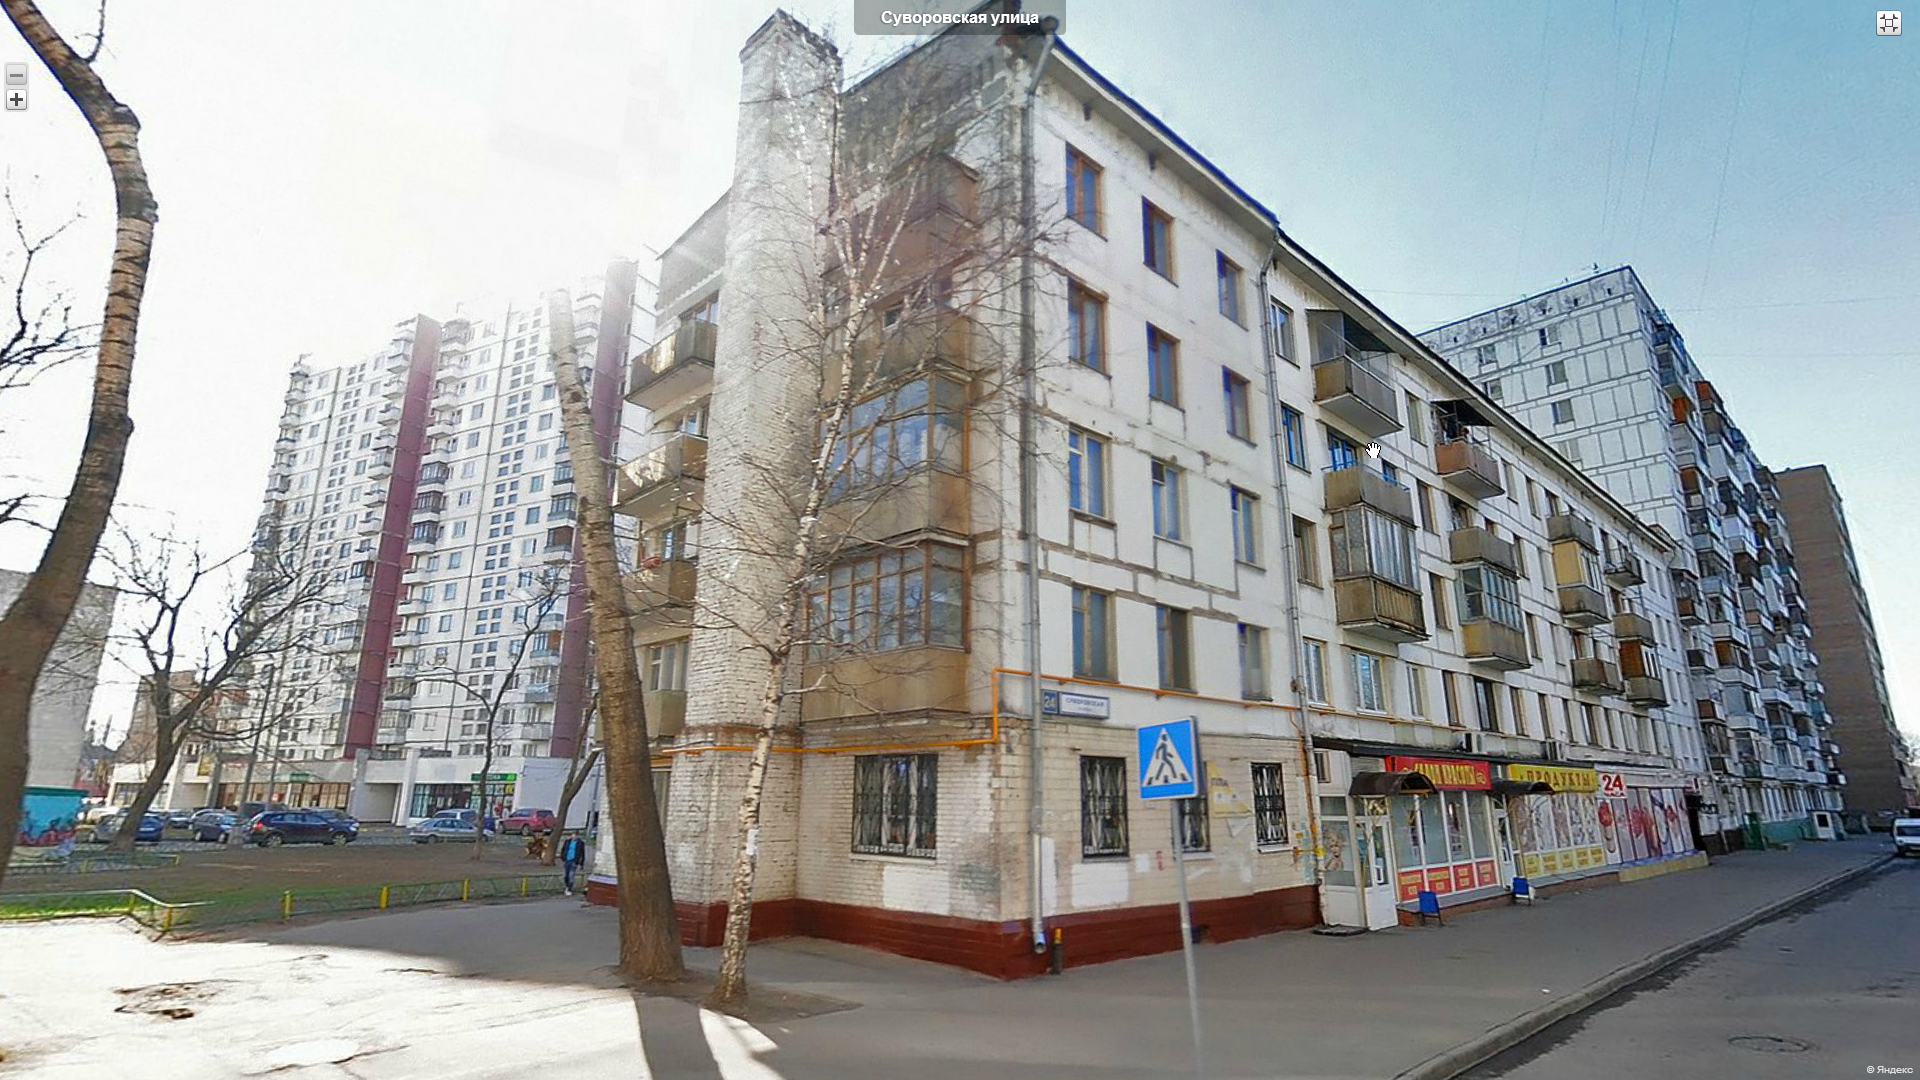 suvorovskaya26